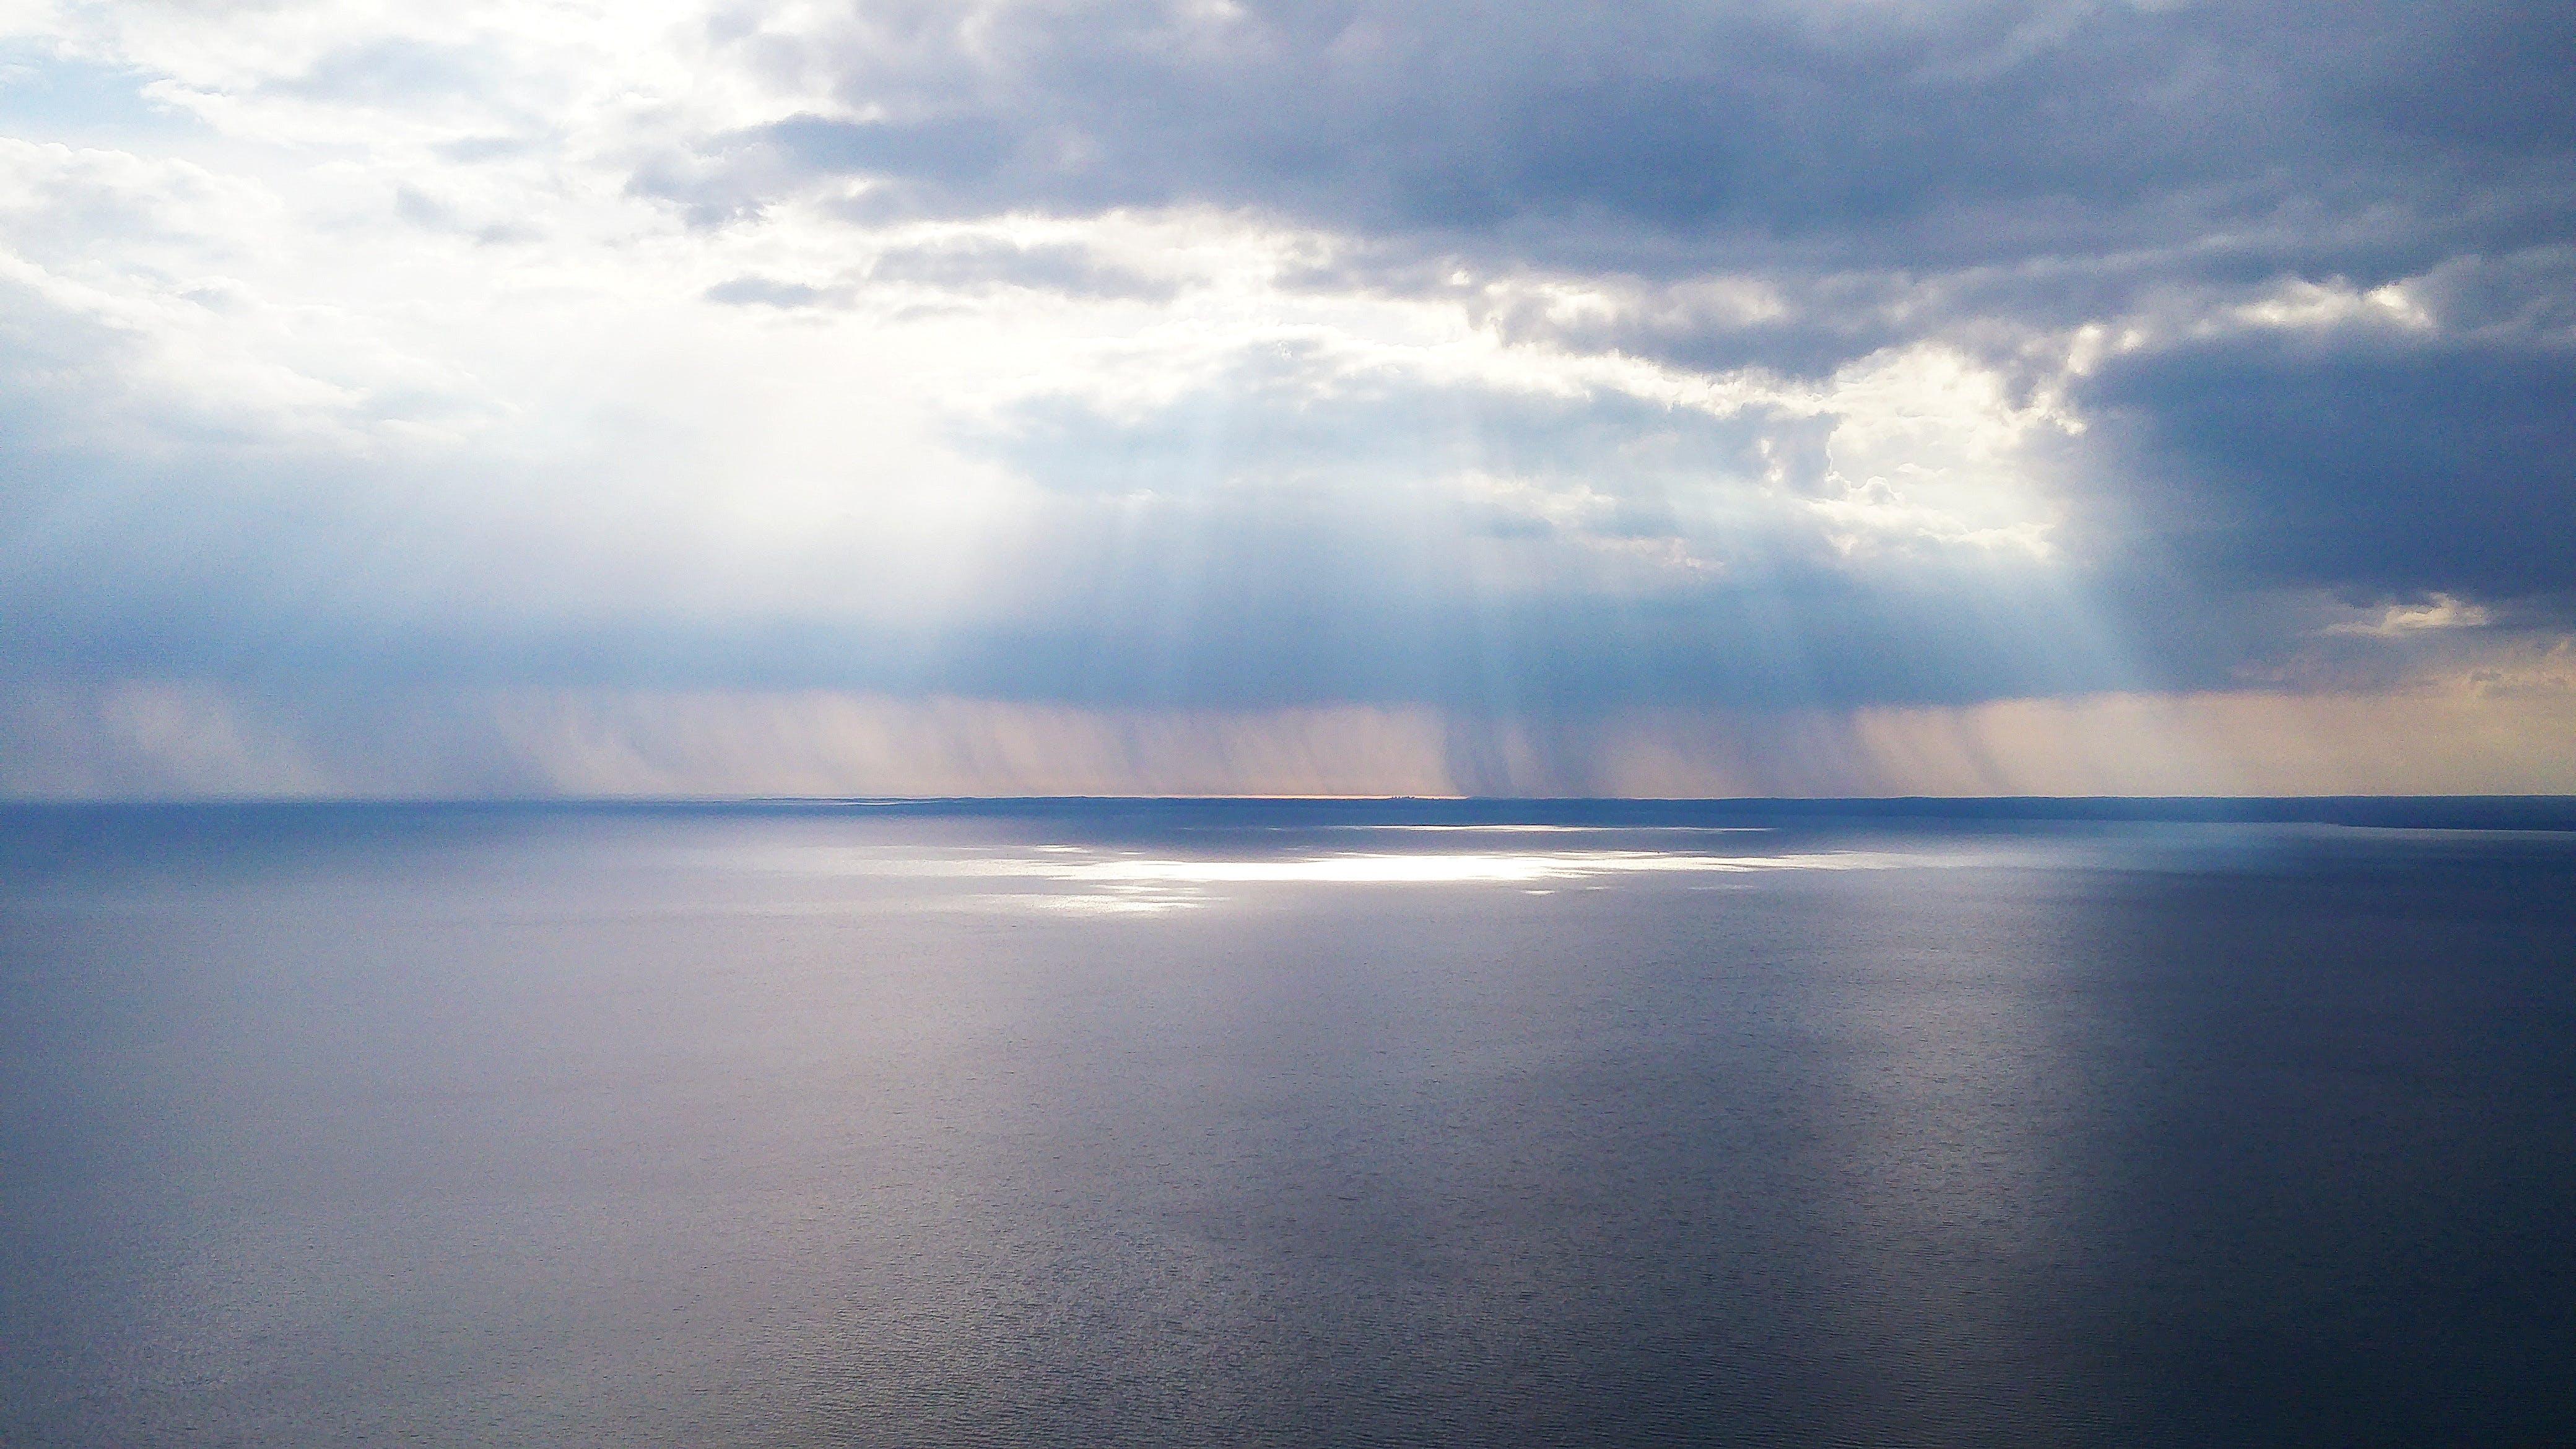 Kostenloses Stock Foto zu blau, draußen, draussen, himmel